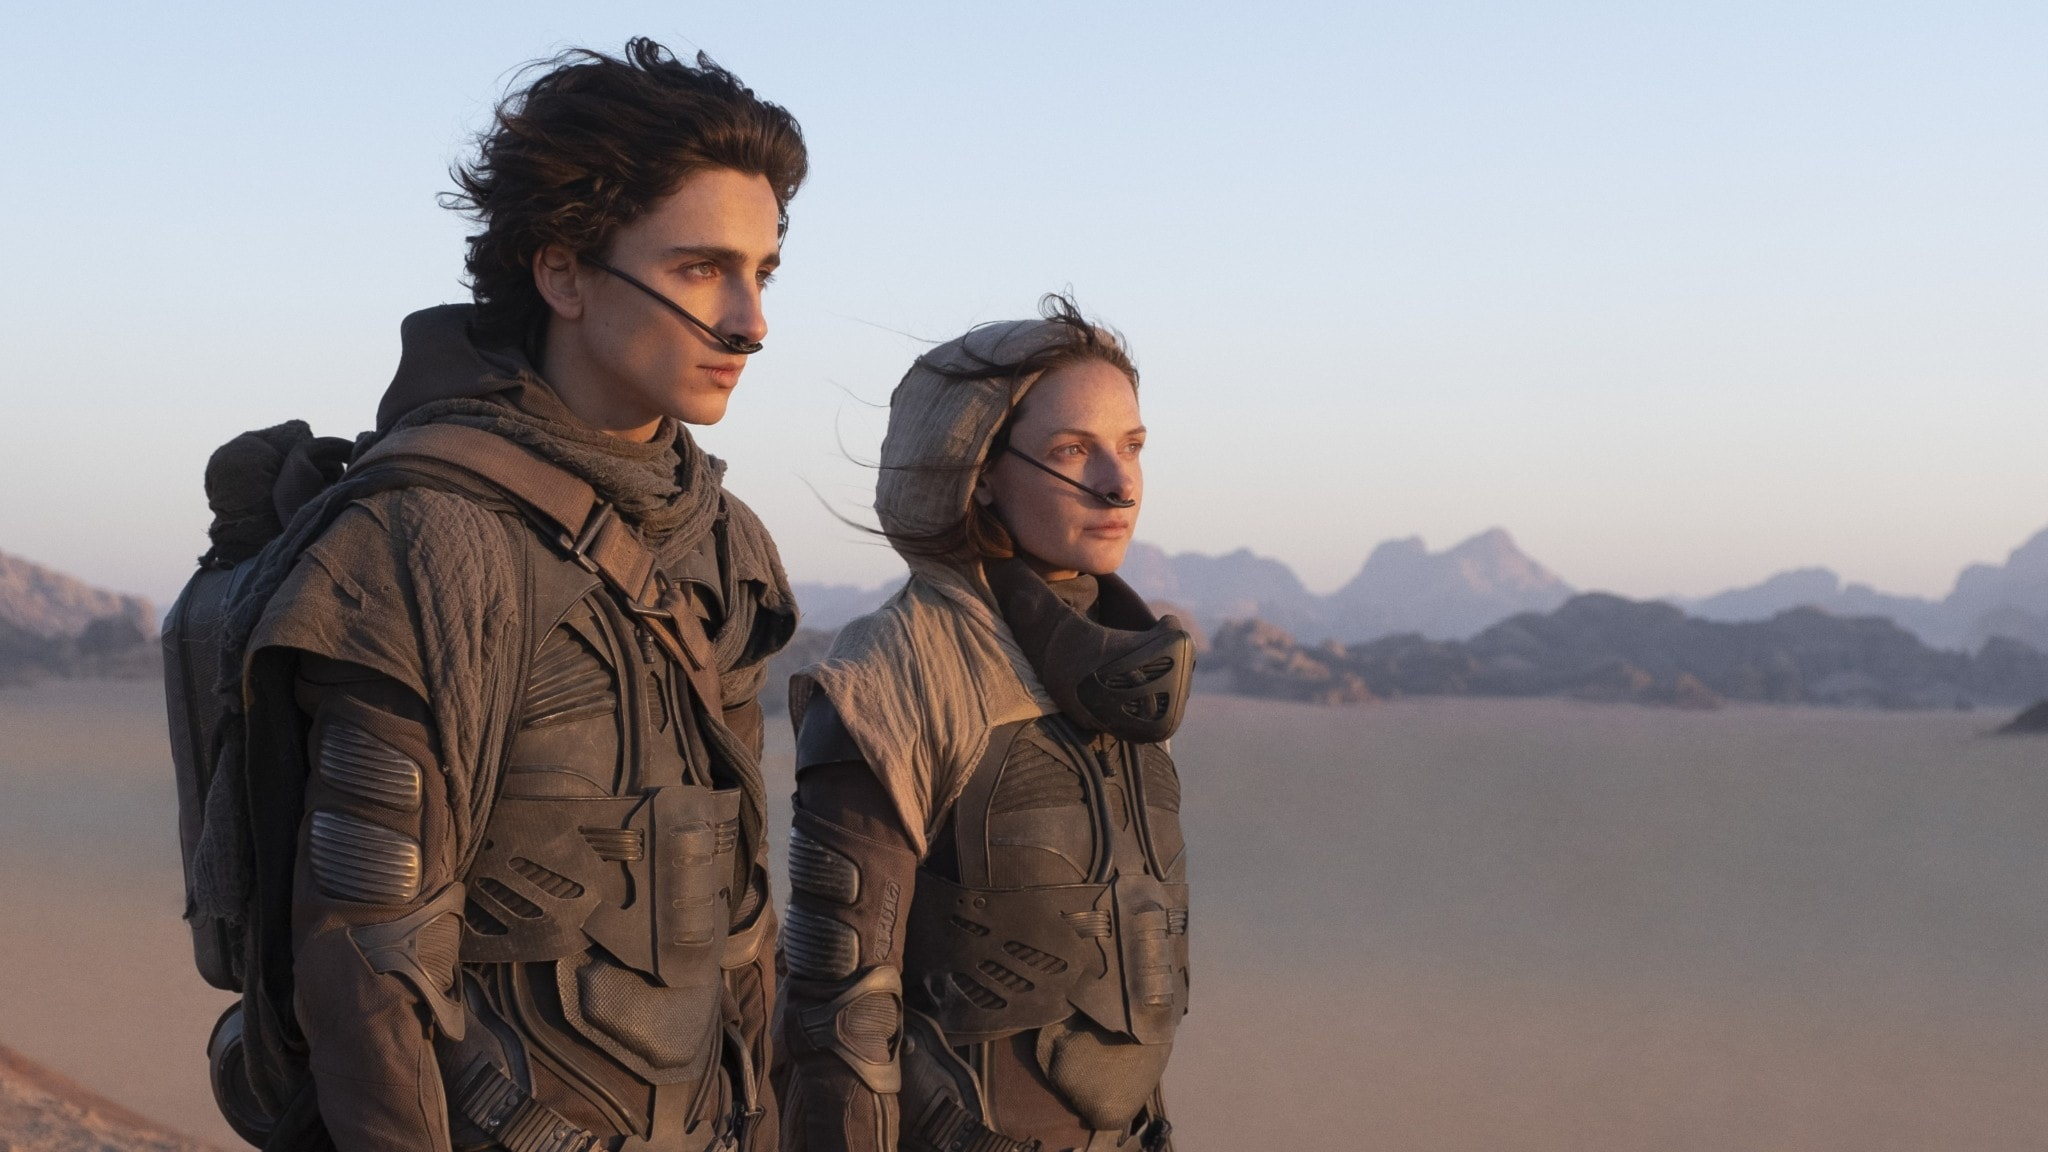 Nya filmatiseringen av Dune lyckas fånga känslan i Frank Herberts bok, menar Joakim Silverdal.